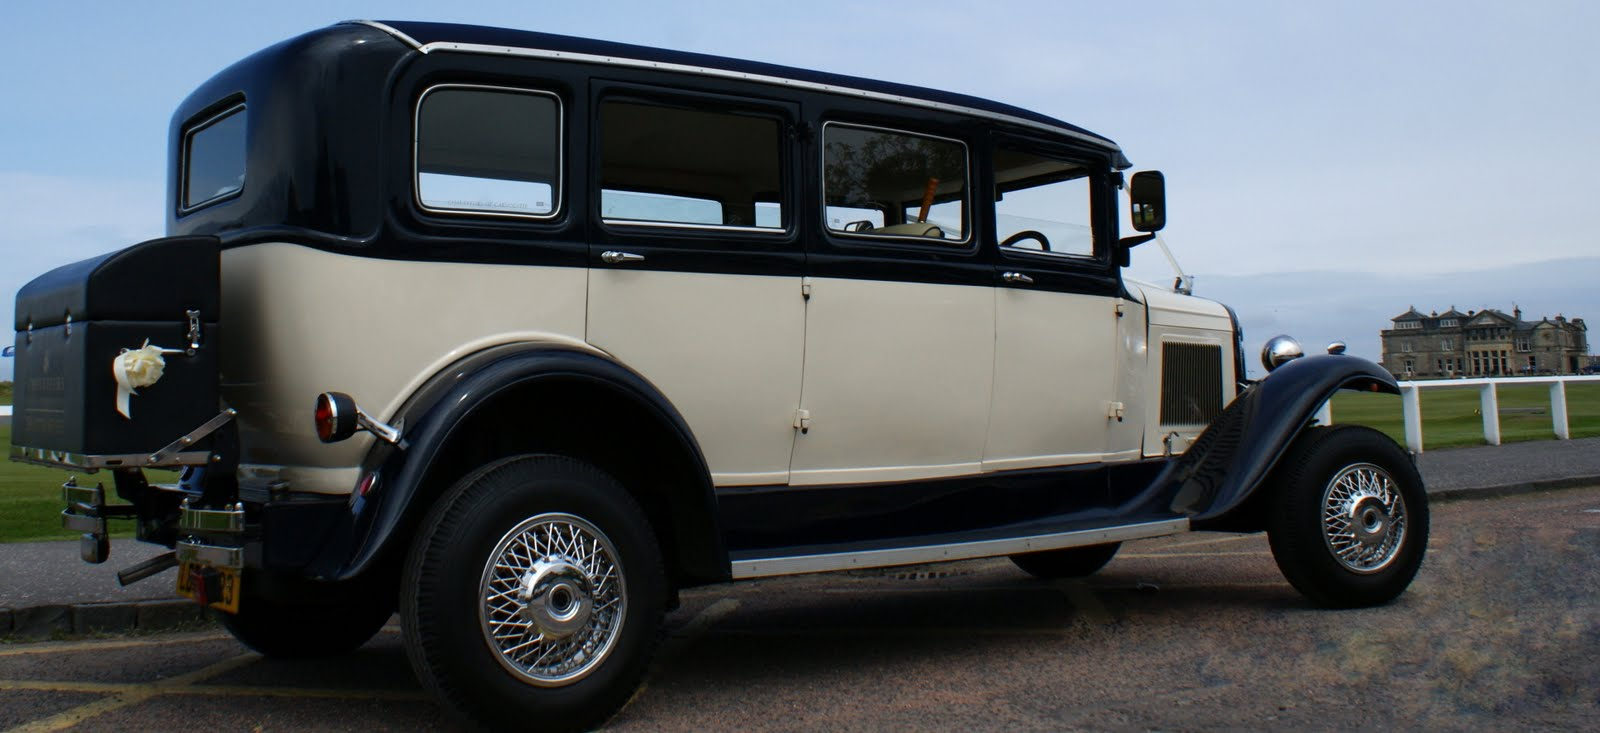 Tour Scotland Photographs: Tour Scotland Photographs Wedding Car Old ...